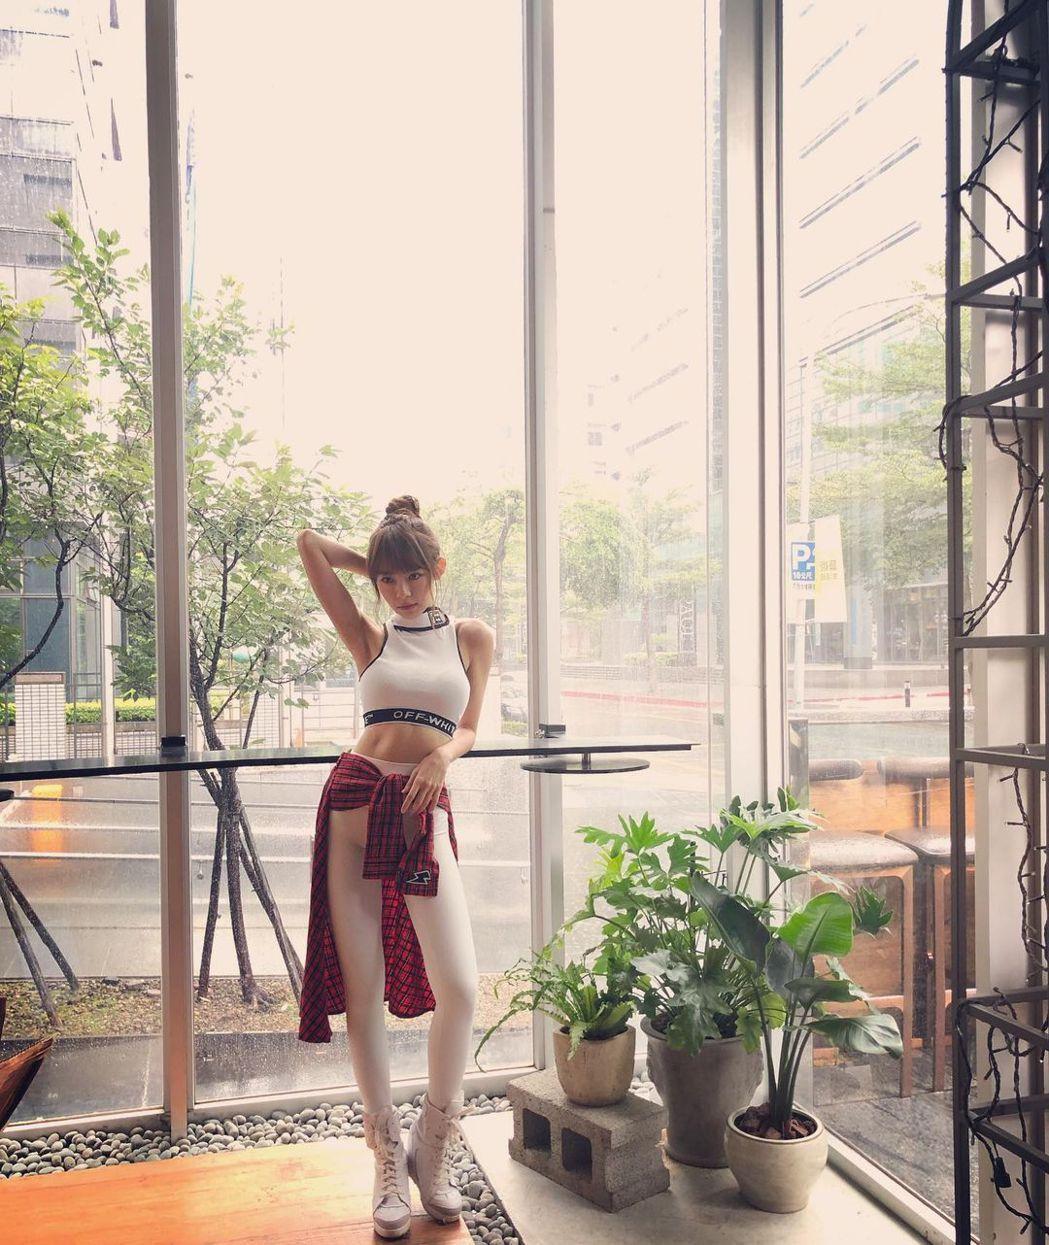 林明禎過去穿瑜伽褲時會運用搭配技巧,避免發生尷尬場面。圖/摘自IG